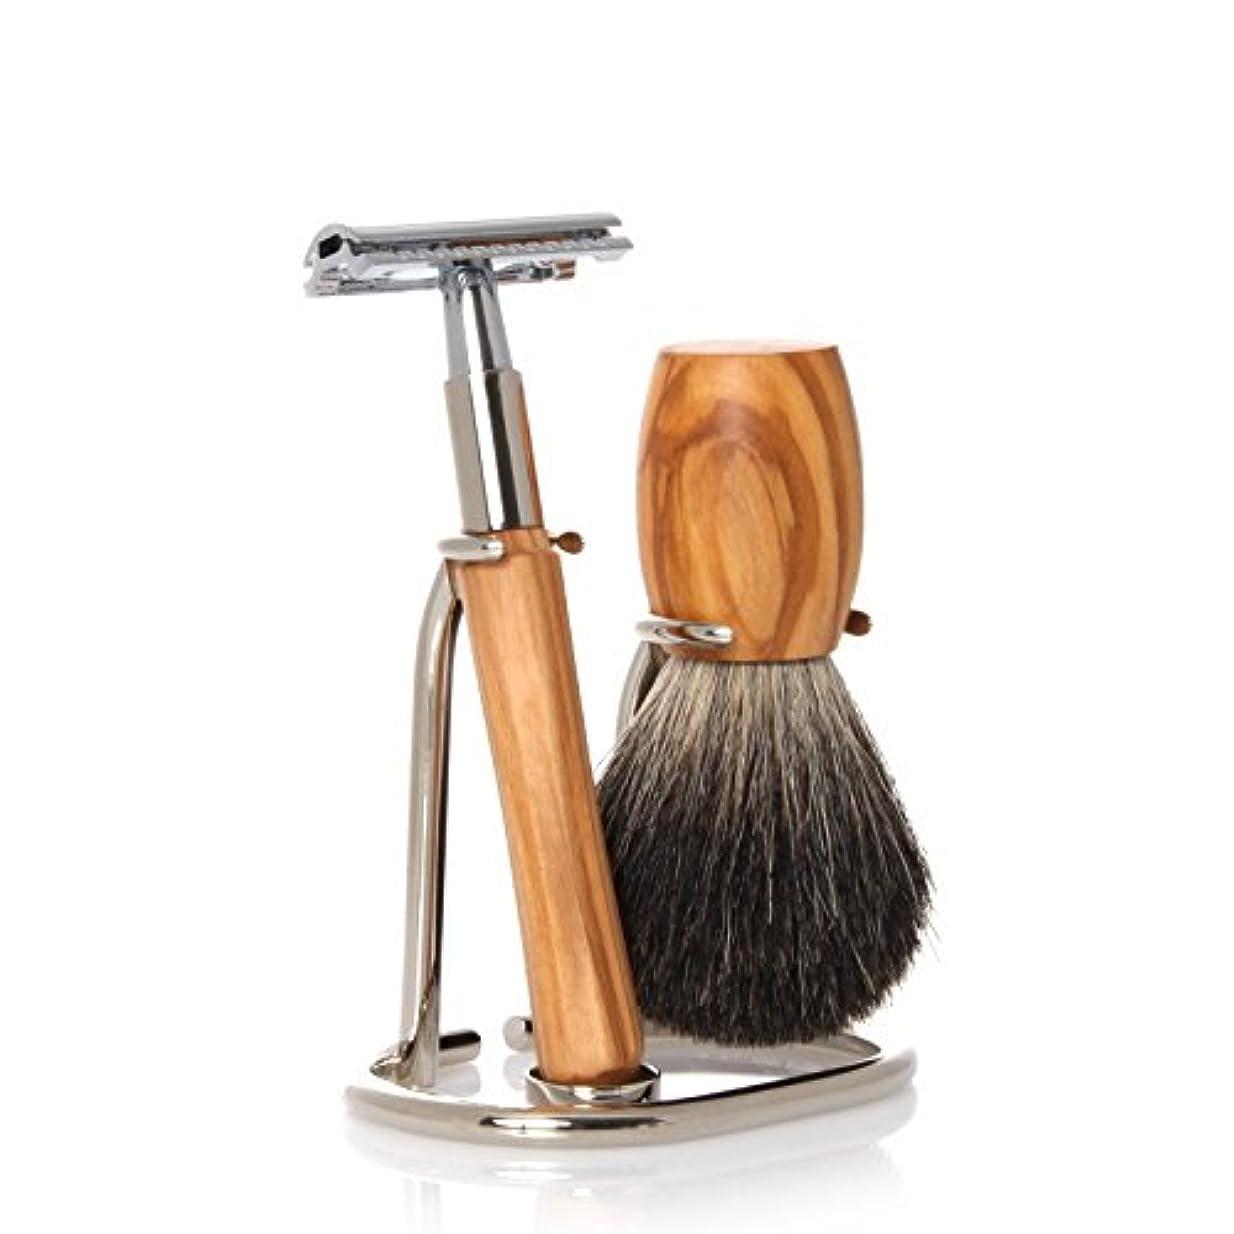 構築する約束する平和なGOLDDACHS Shaving Set, Safety razor, 100% badger hair, olive wood